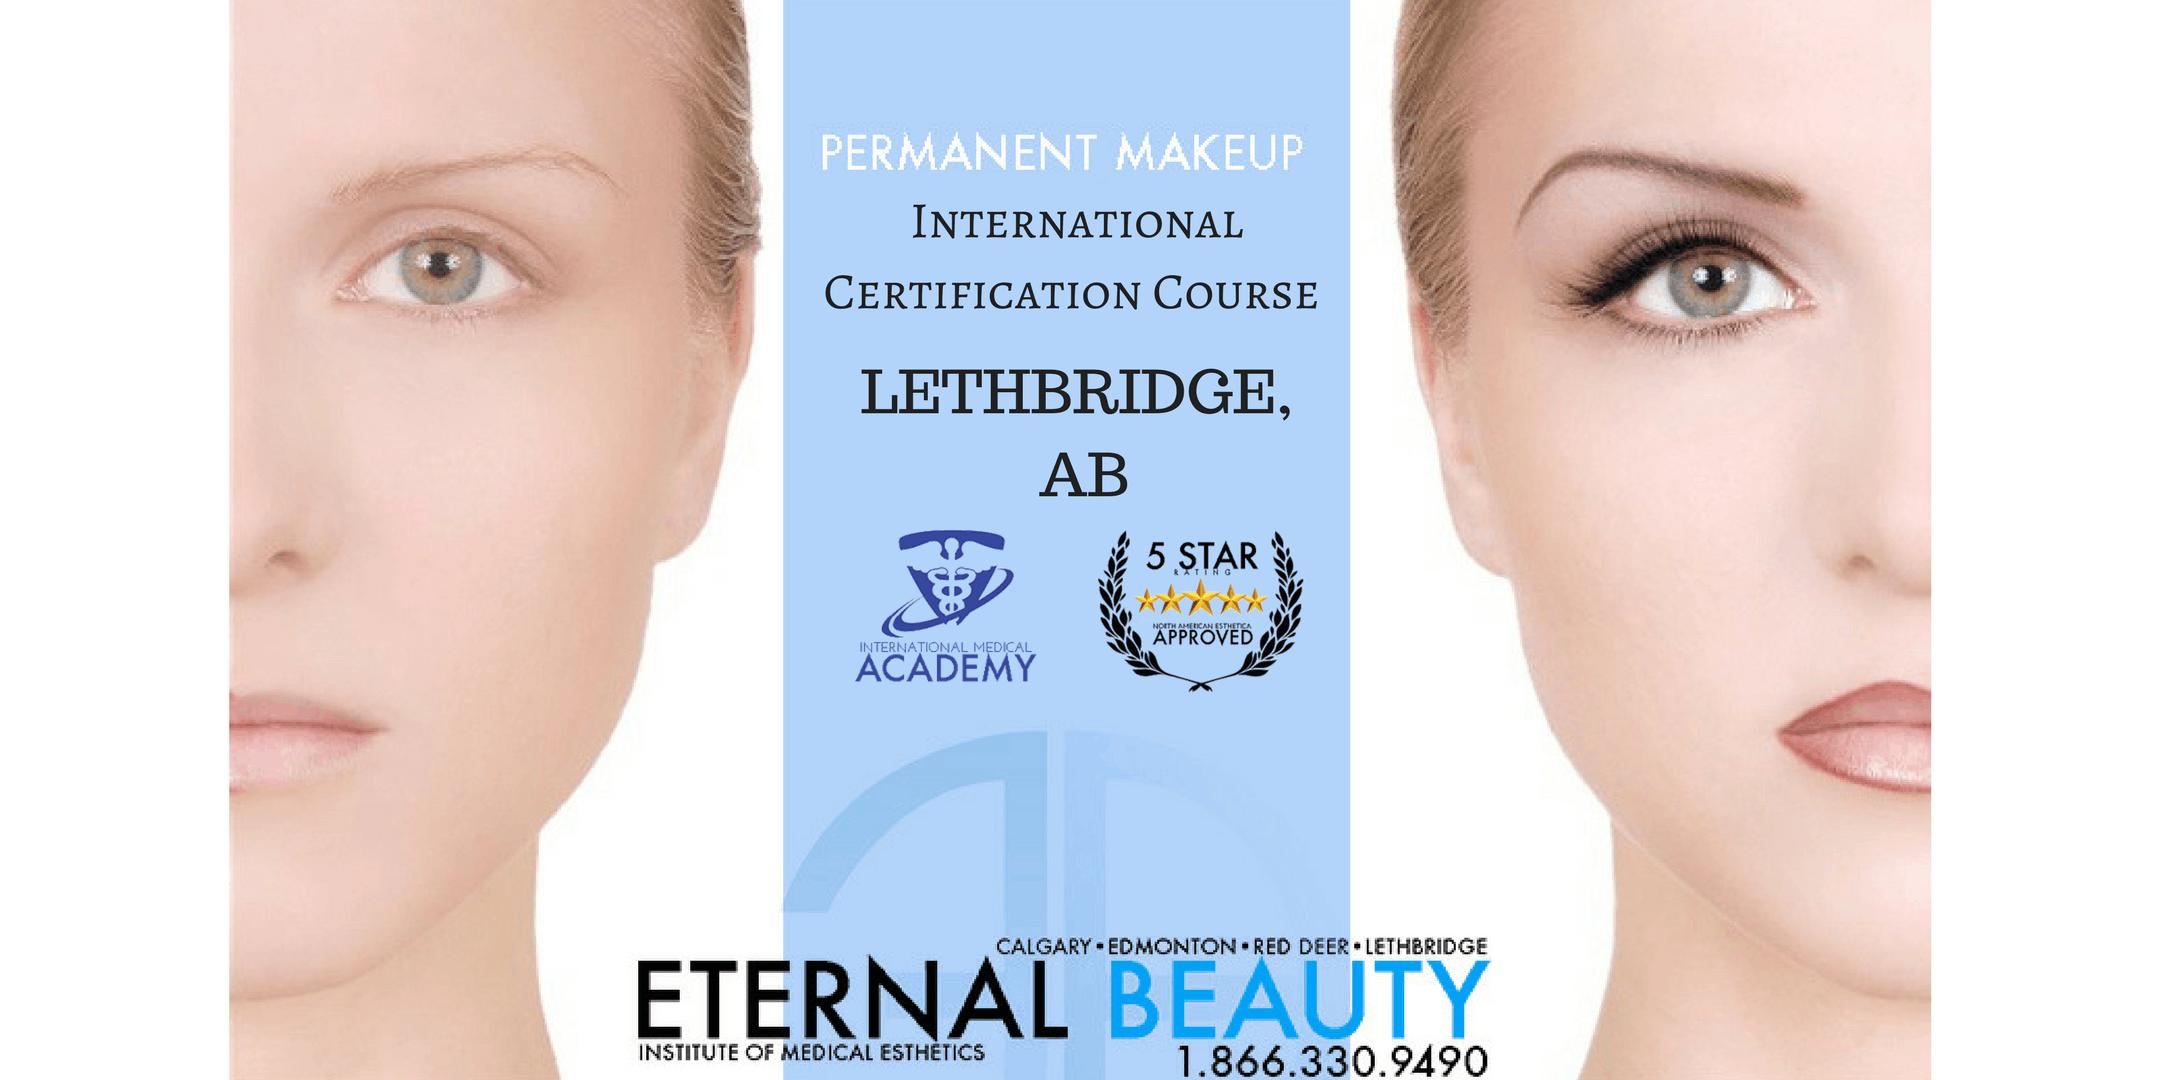 Permanent Makeup Certification Course At Lethbridge Lethbridge